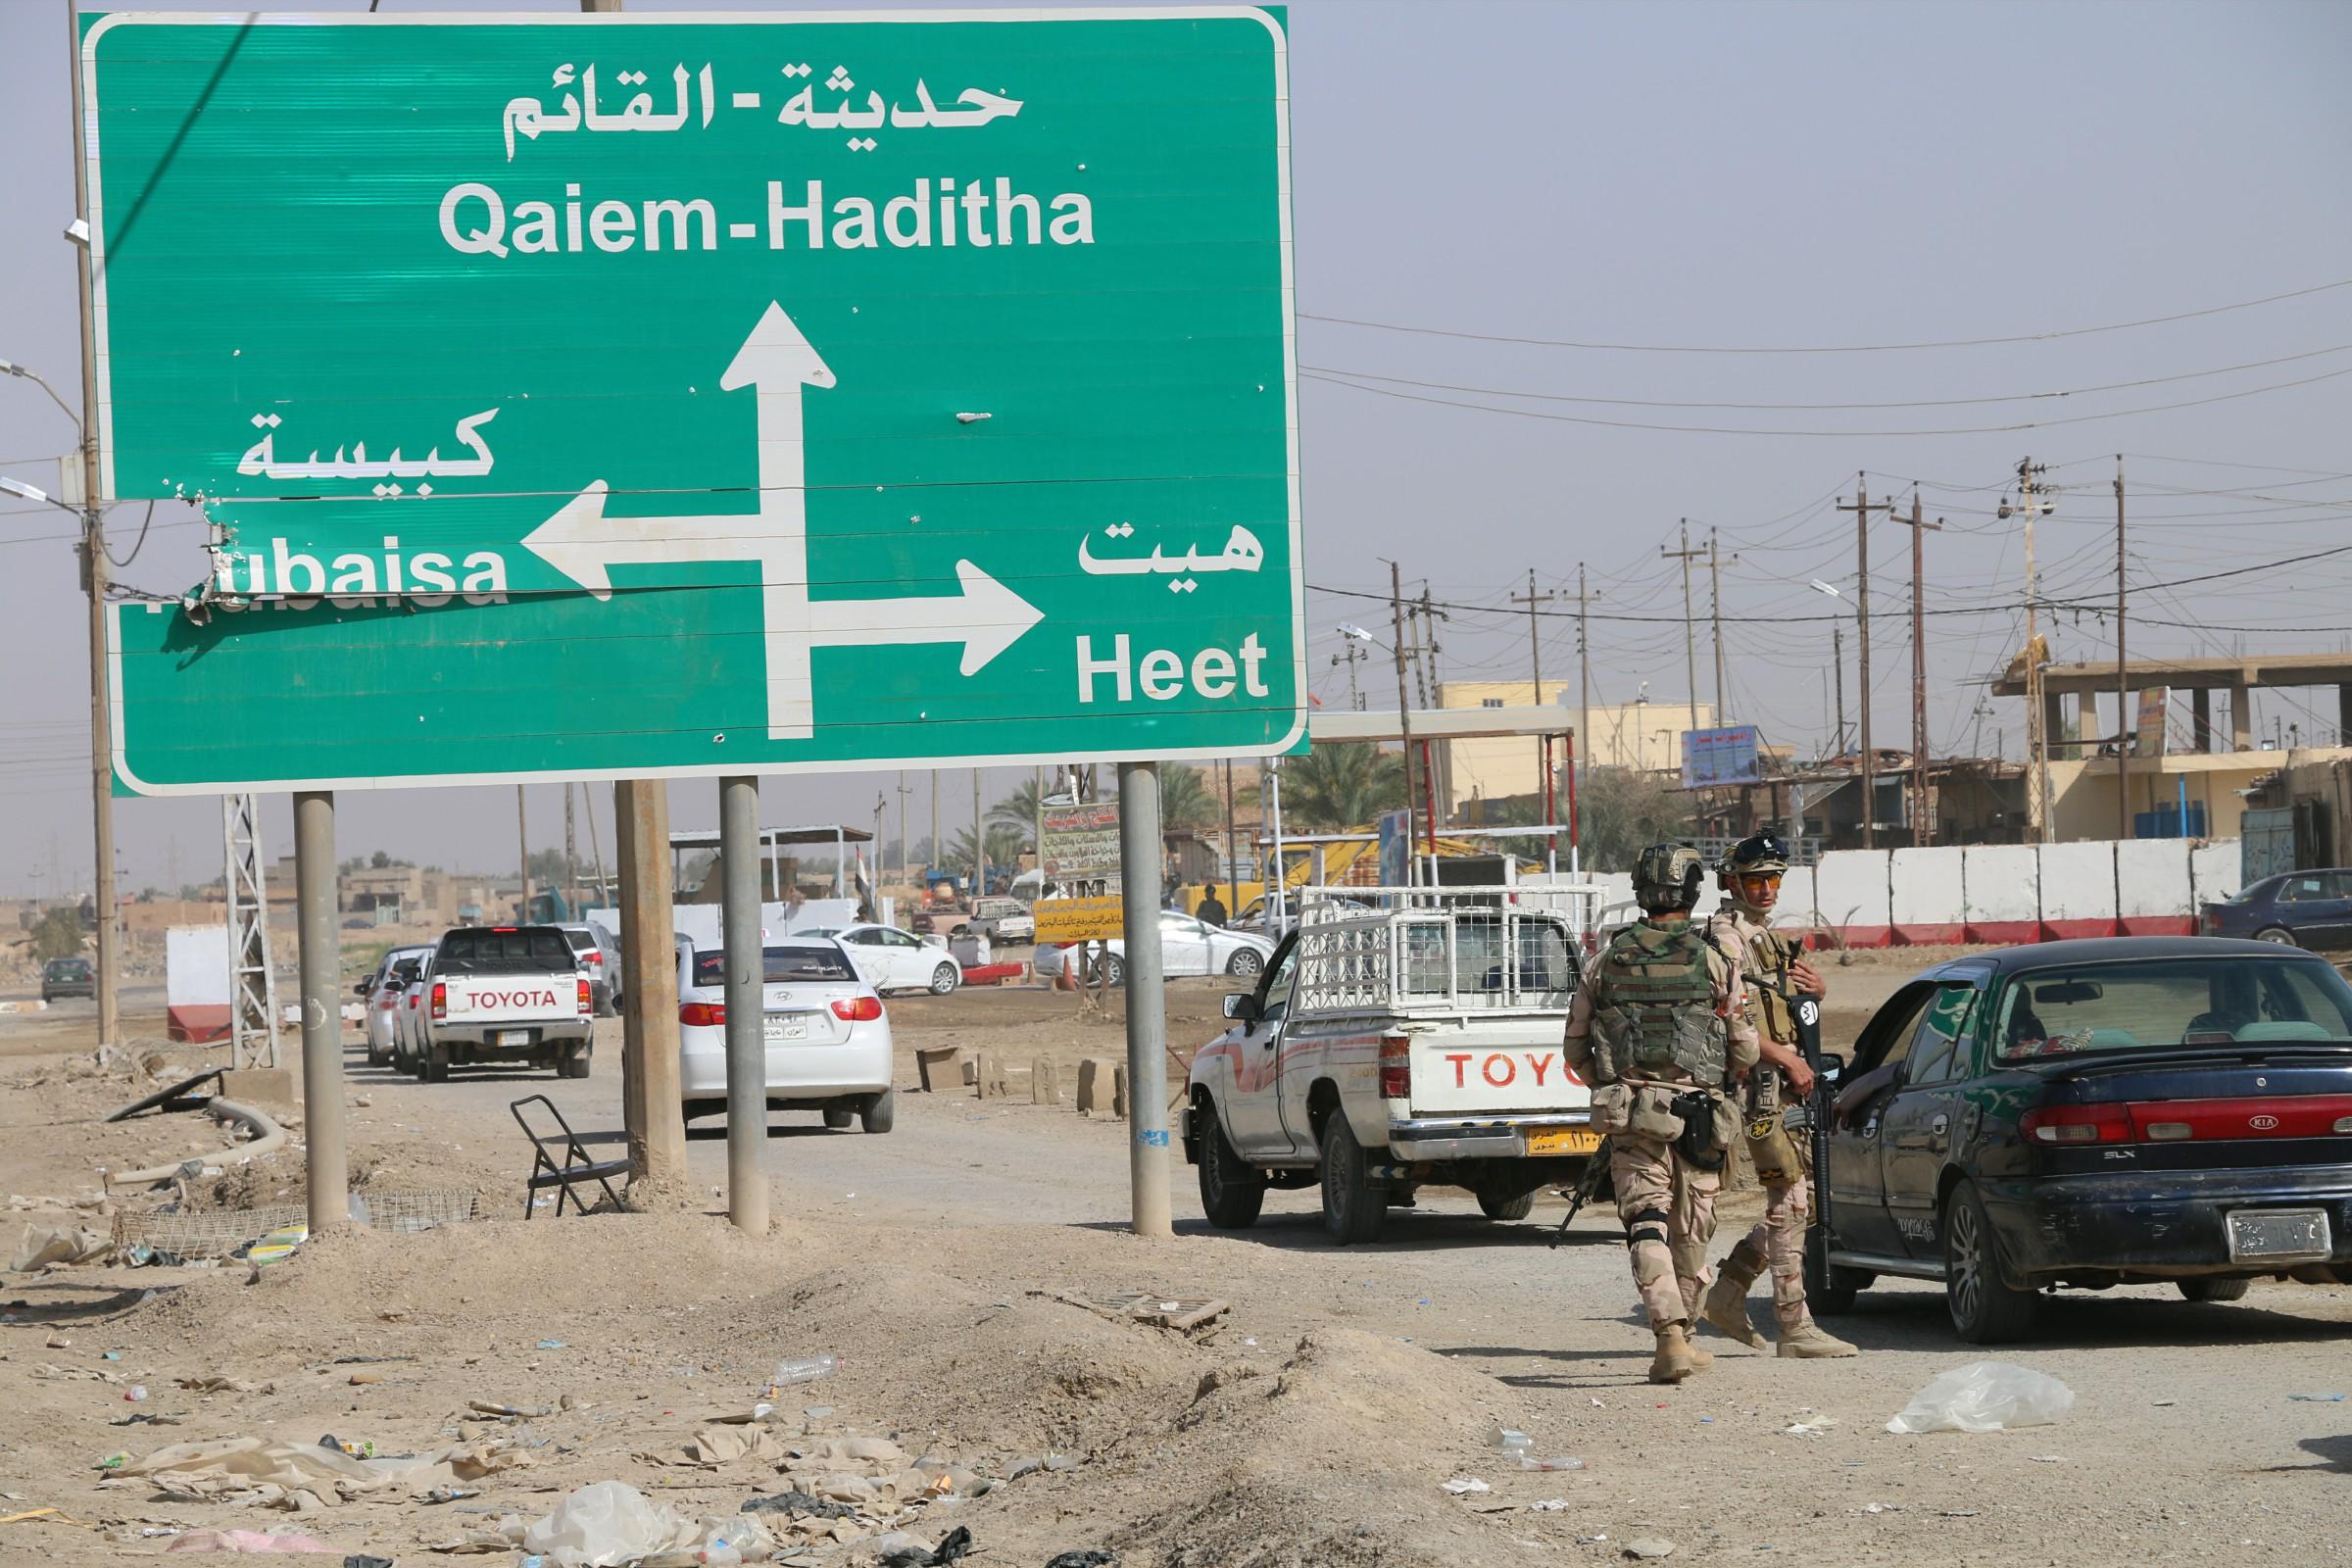 """مجلس هيت يعلن مقتل أربعة انتحاريين من """"داعش"""" حاولوا التسلل الى الدولاب"""